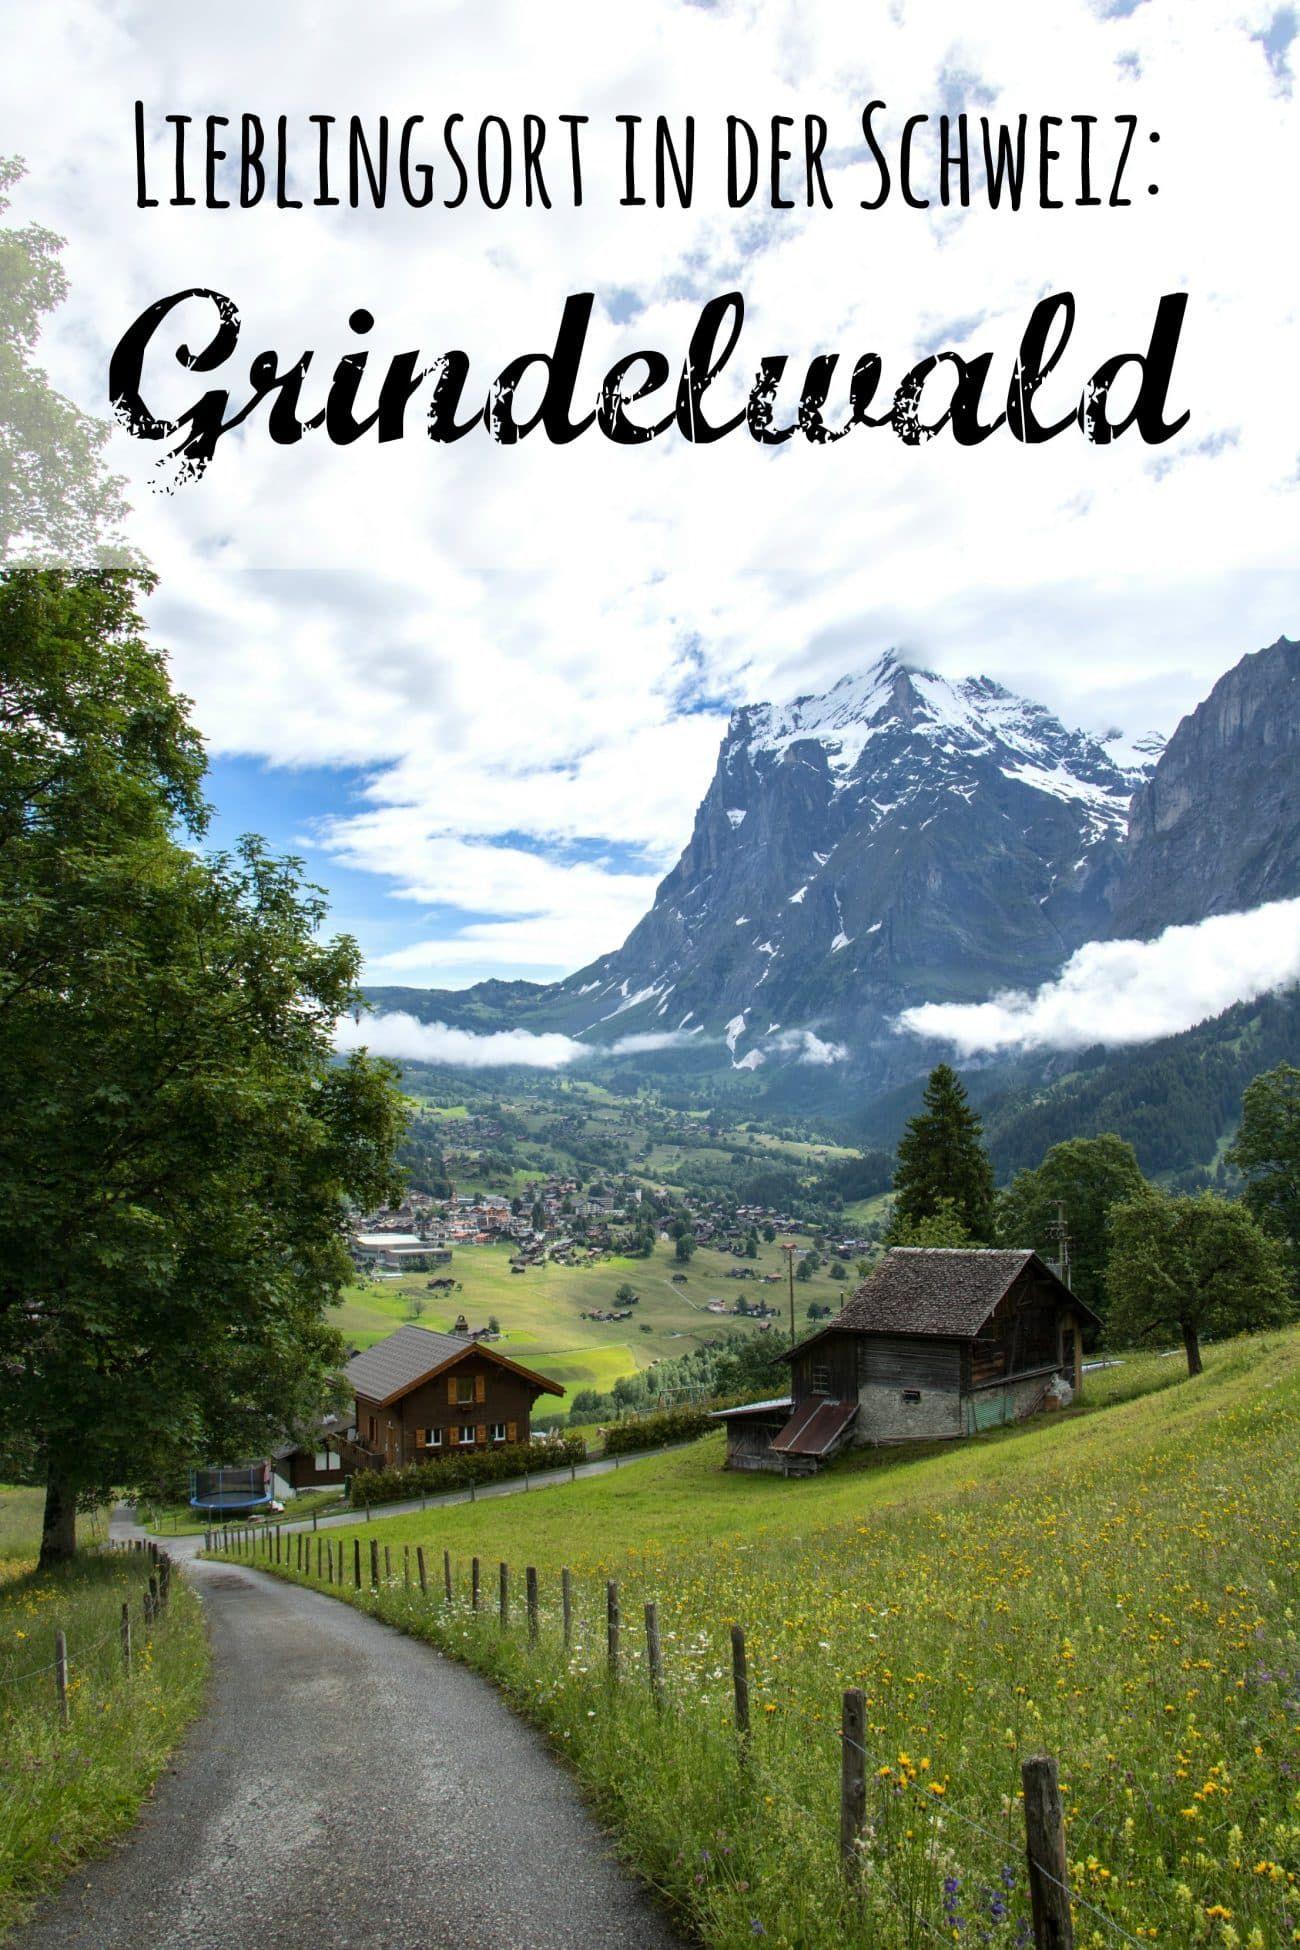 Das schönste der Schweiz Eine Liebeserklärung an den